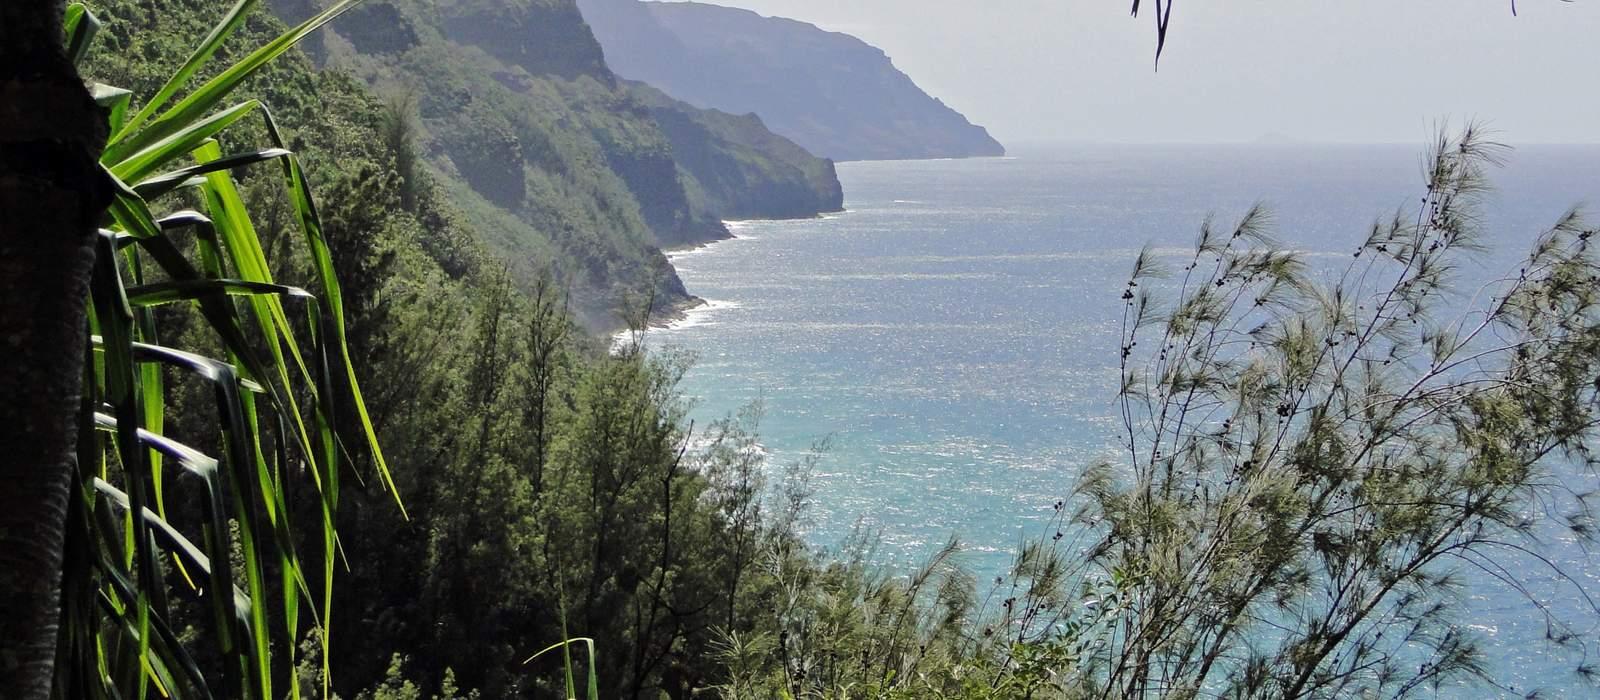 Kalalau-Trail, Napali Coast